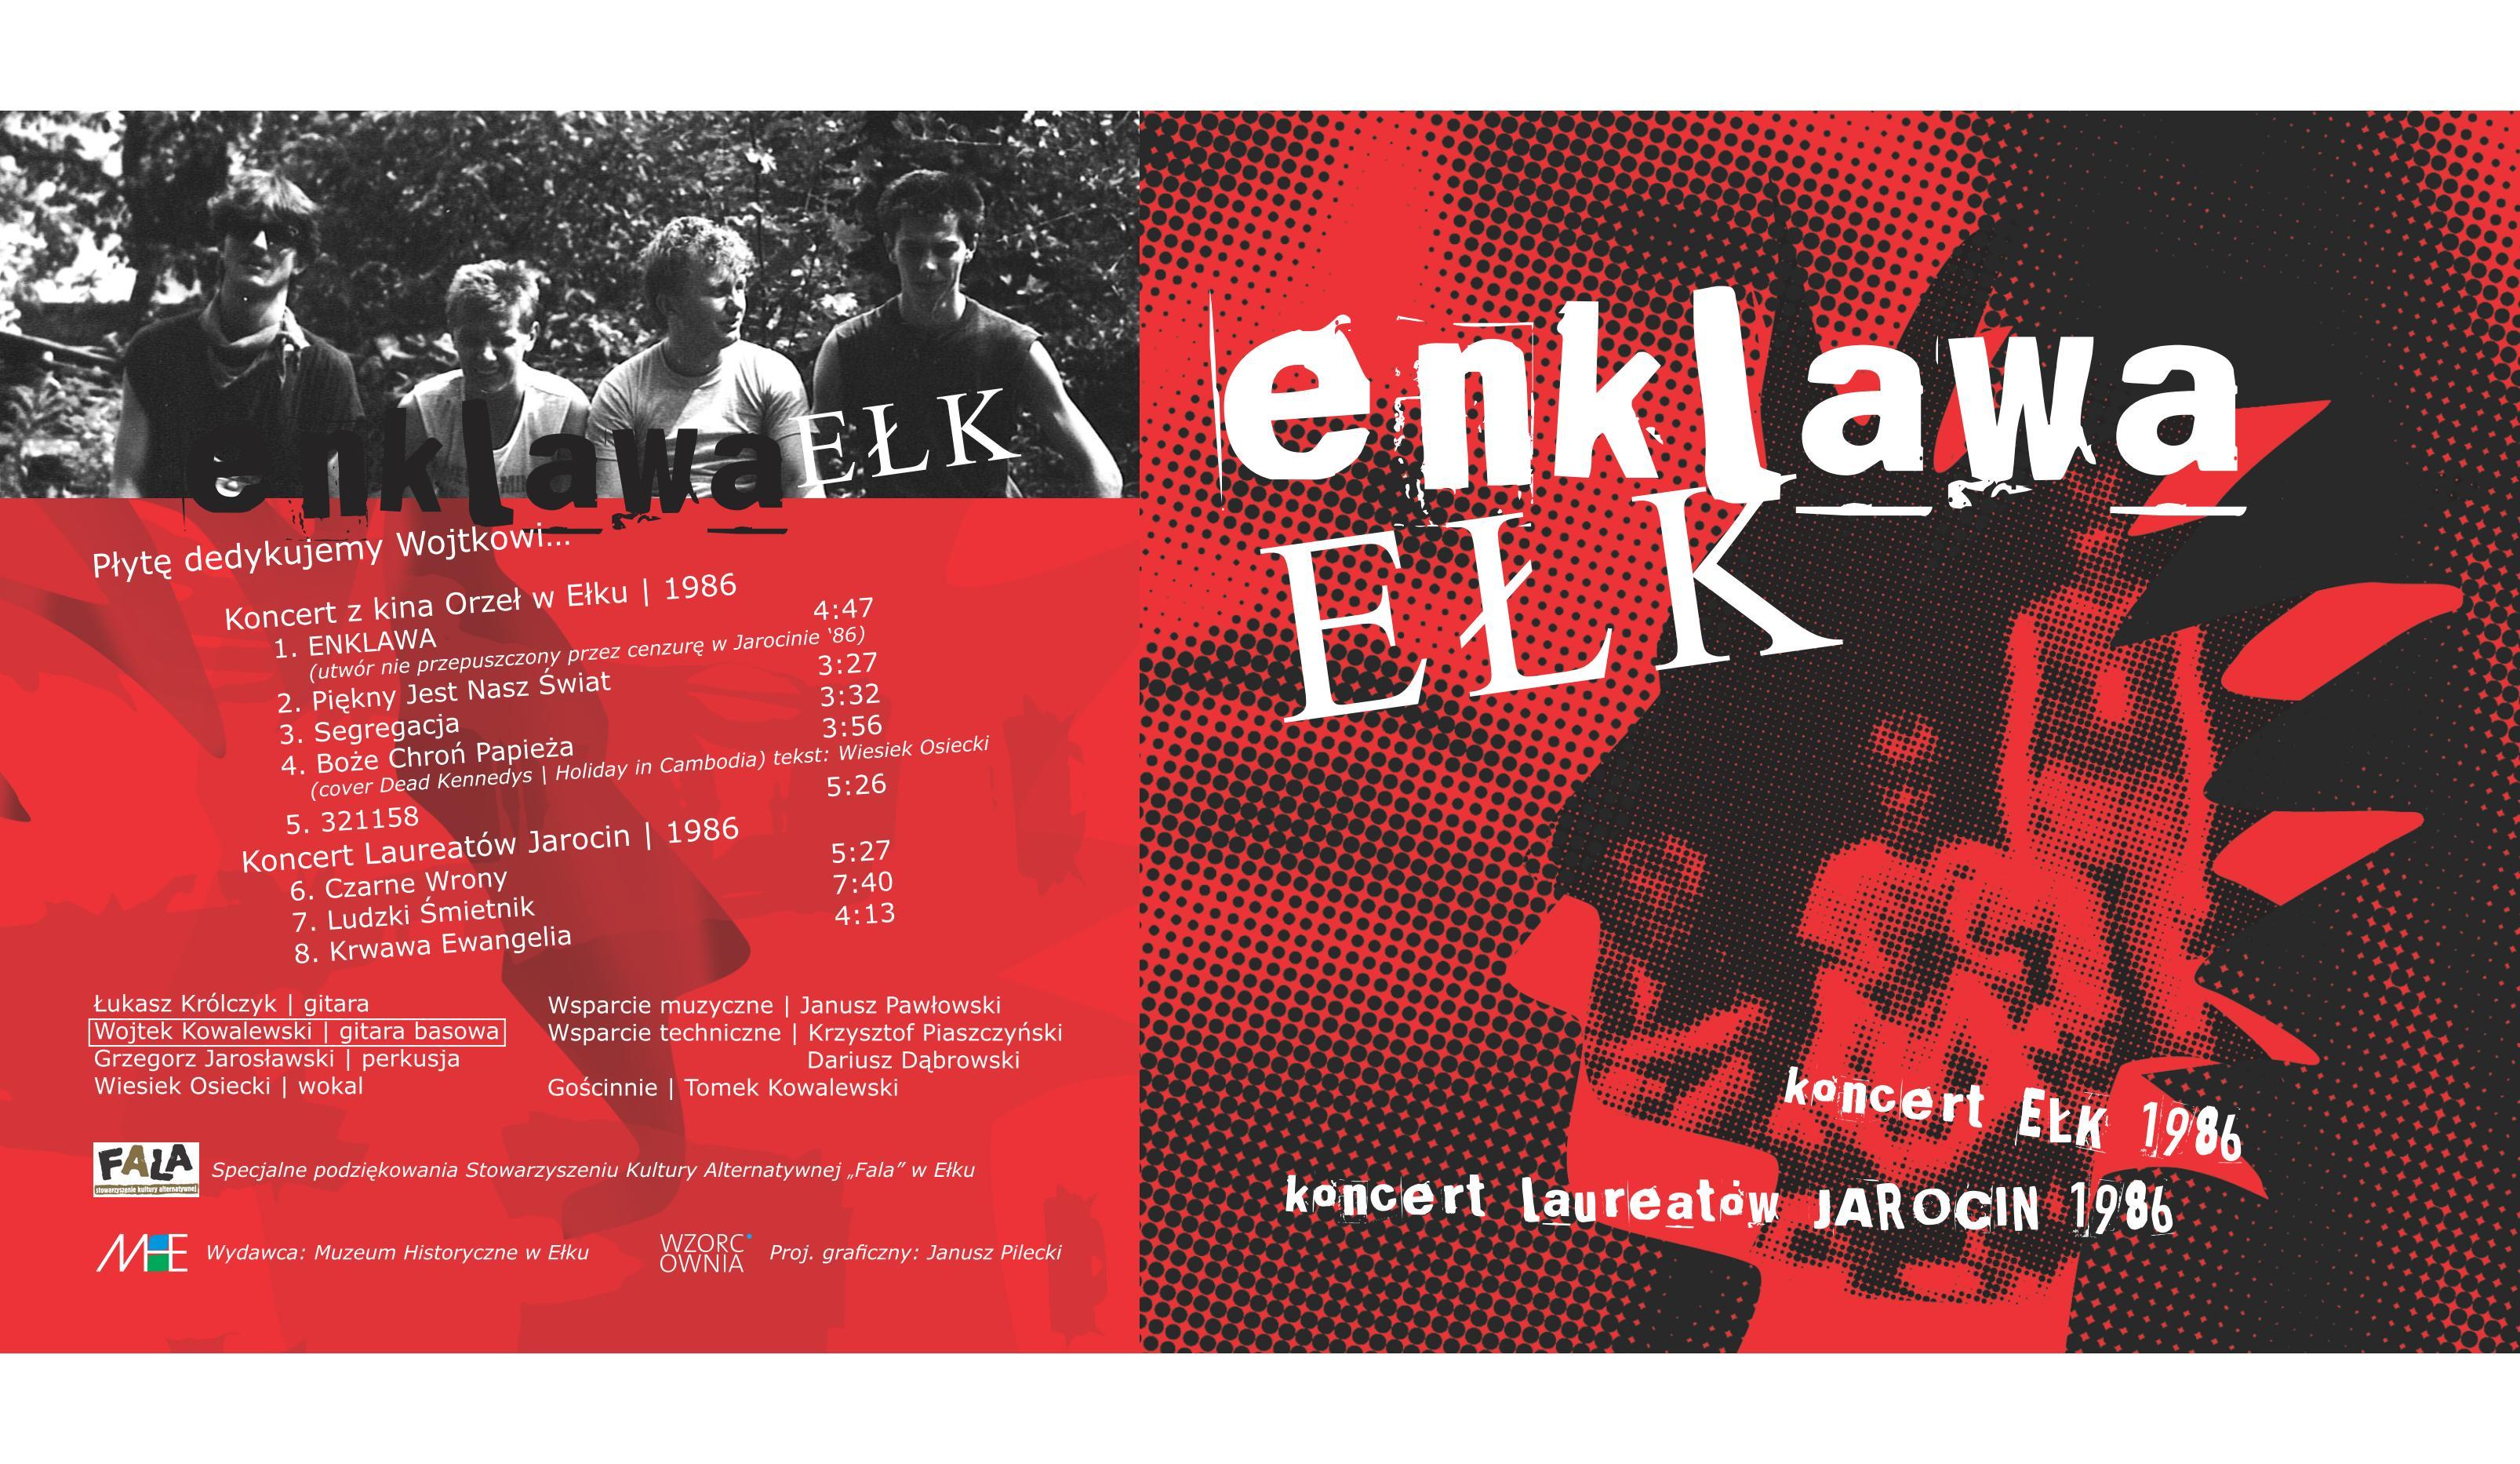 PROJEKT CD_01_layers_pr 03_28 lip 2014_01